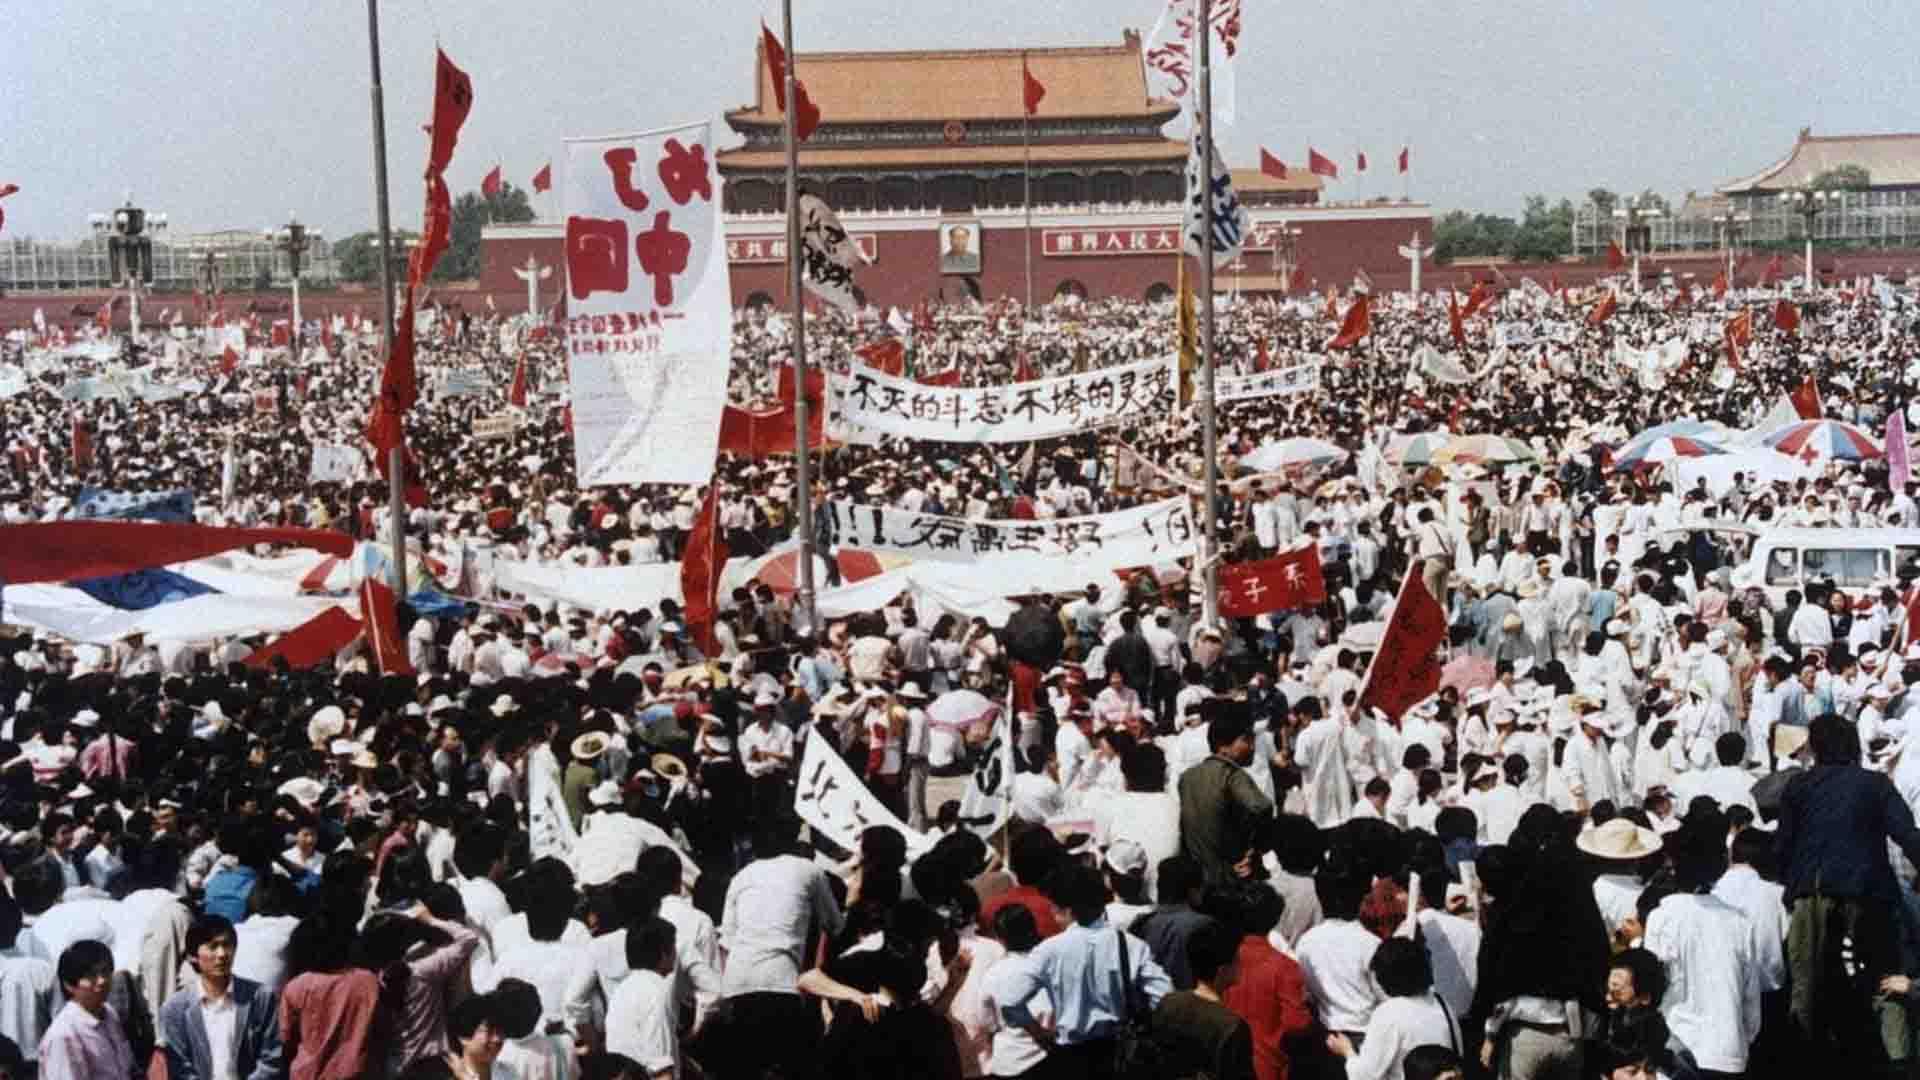 Le proteste in Piazza Tienanmen